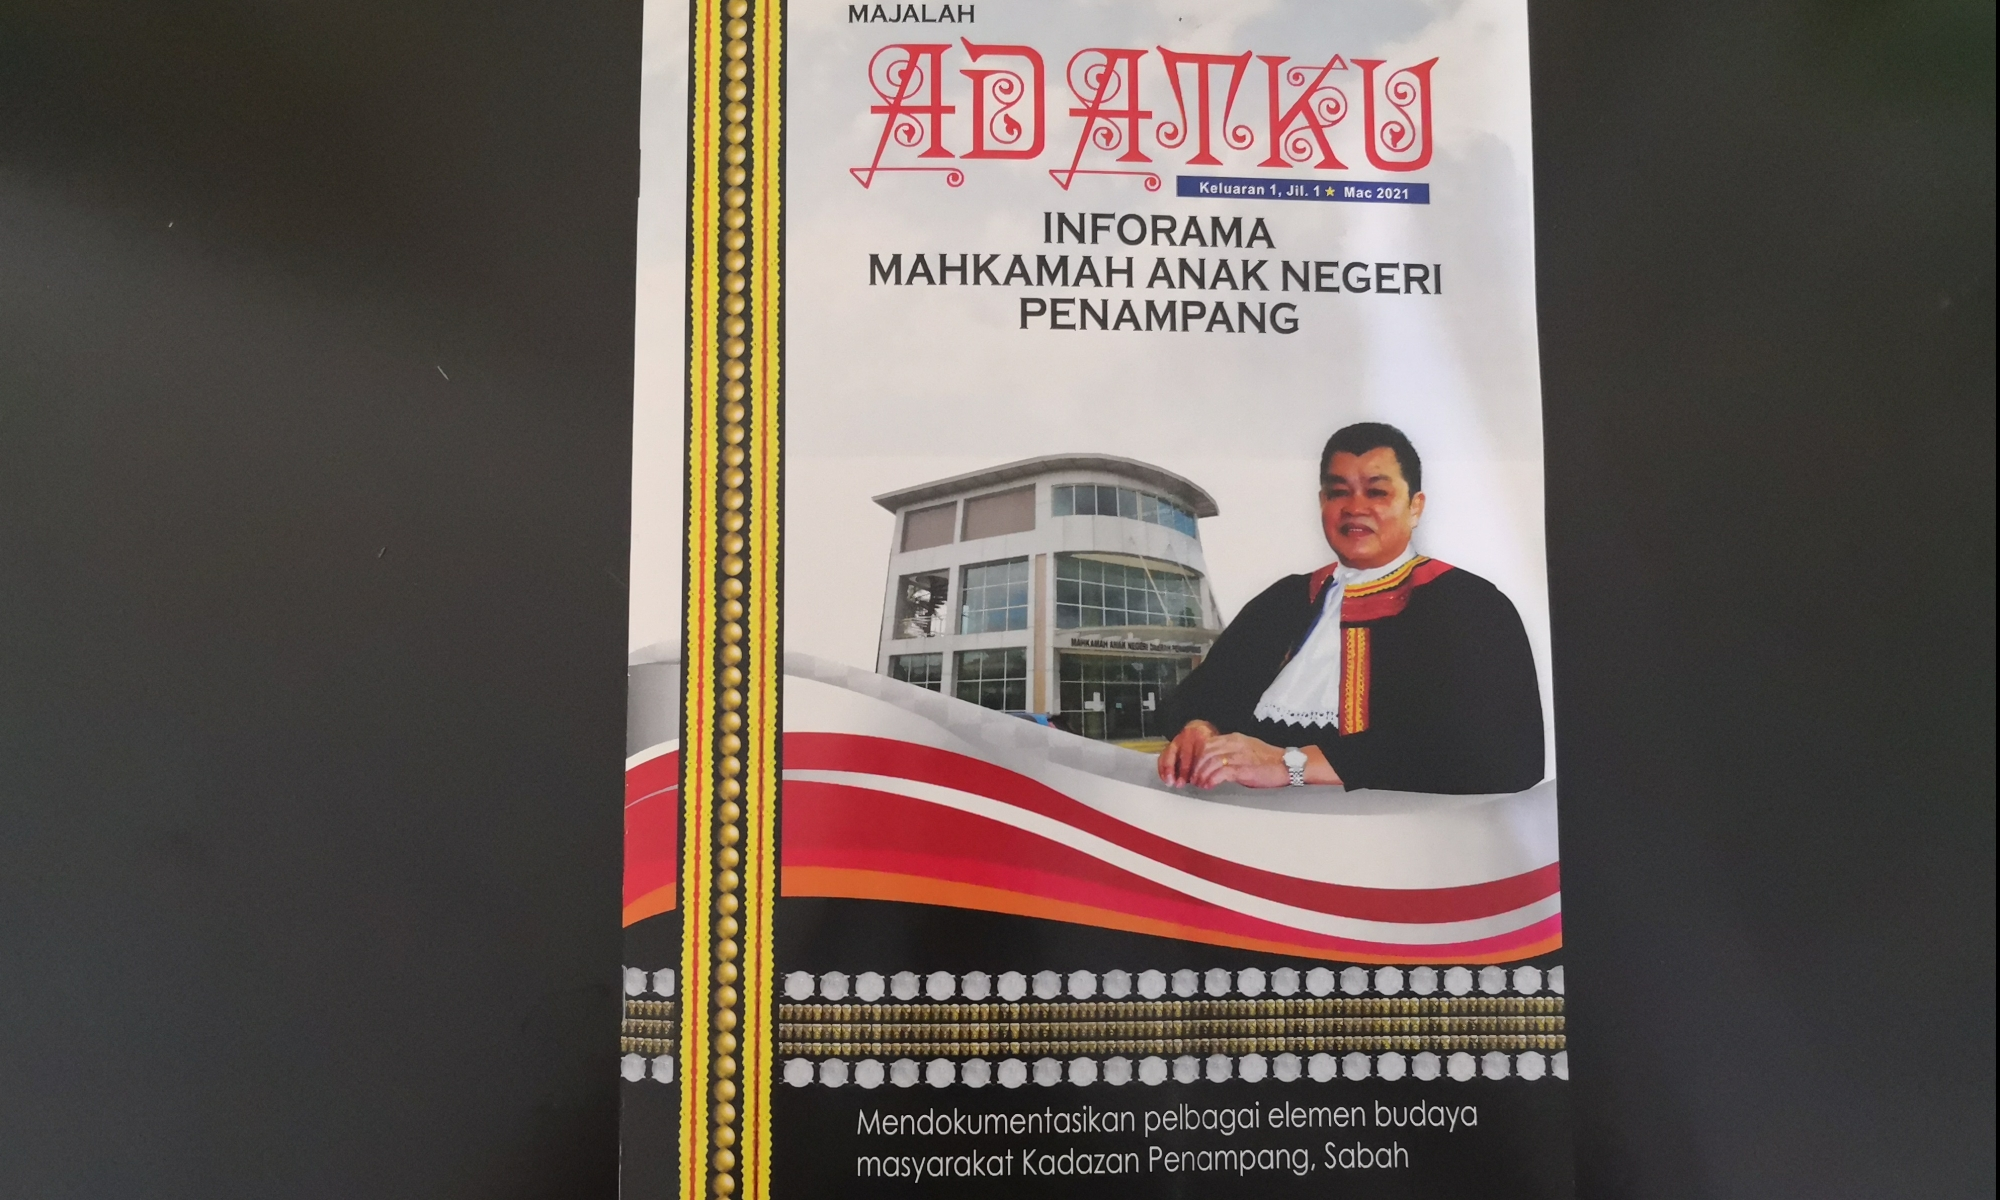 Majalah Adatku terbitan majlis daerah Penampang.